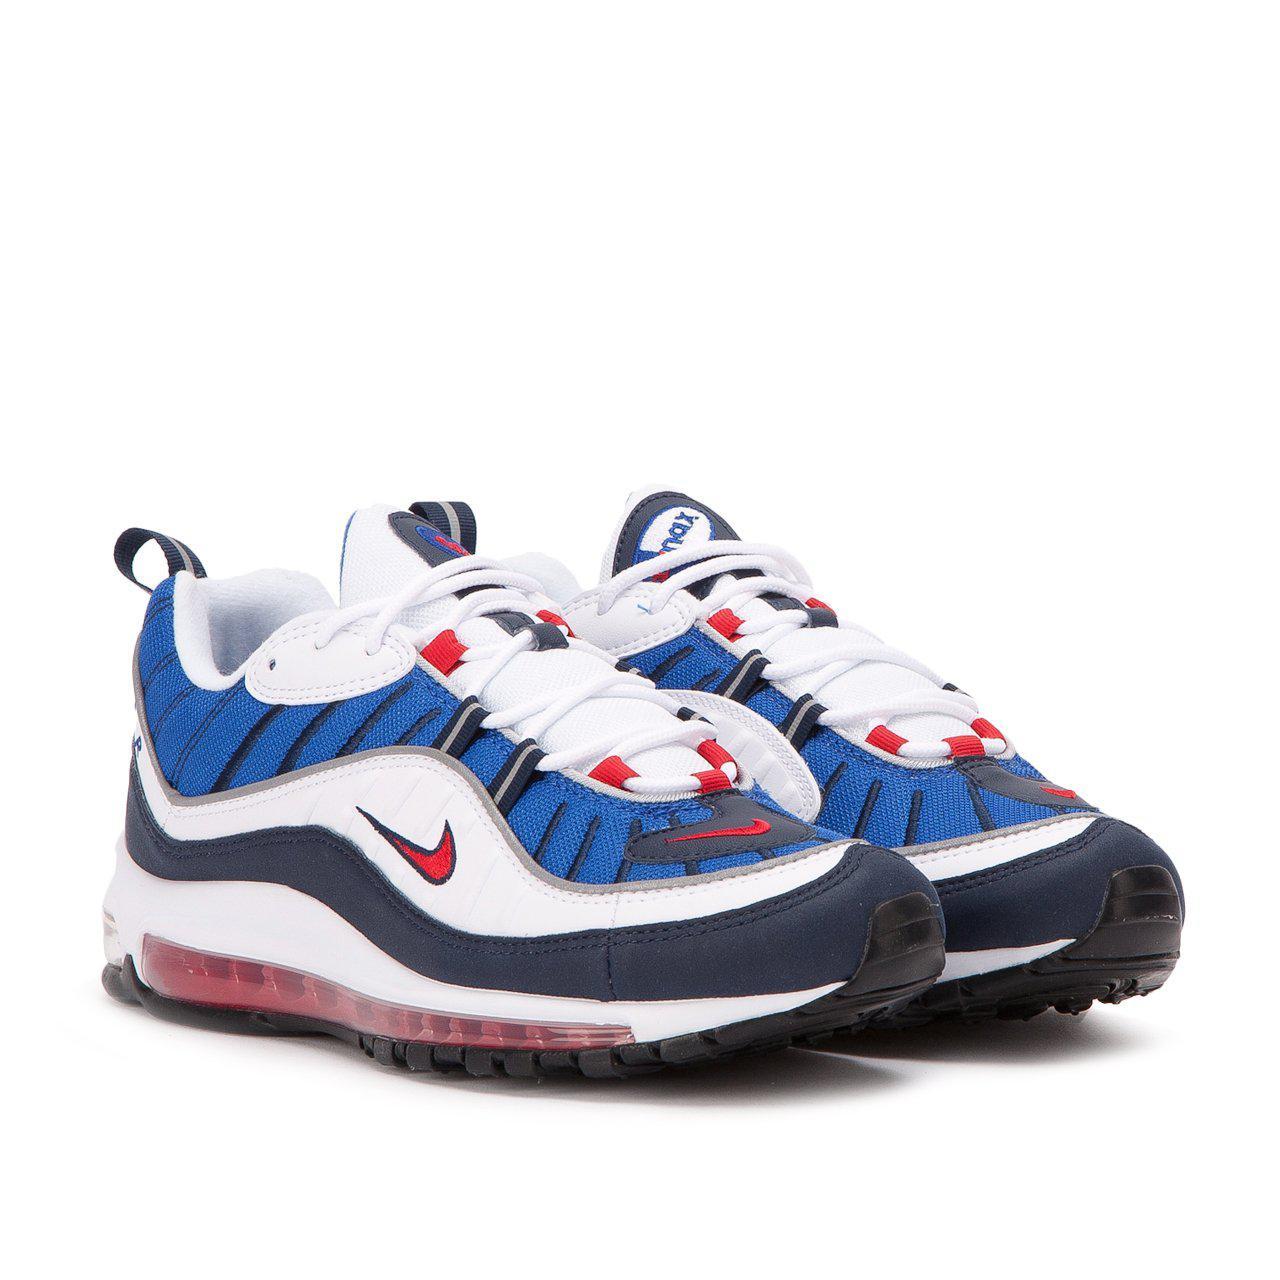 Nike Leather Nike Air Max 98 Og